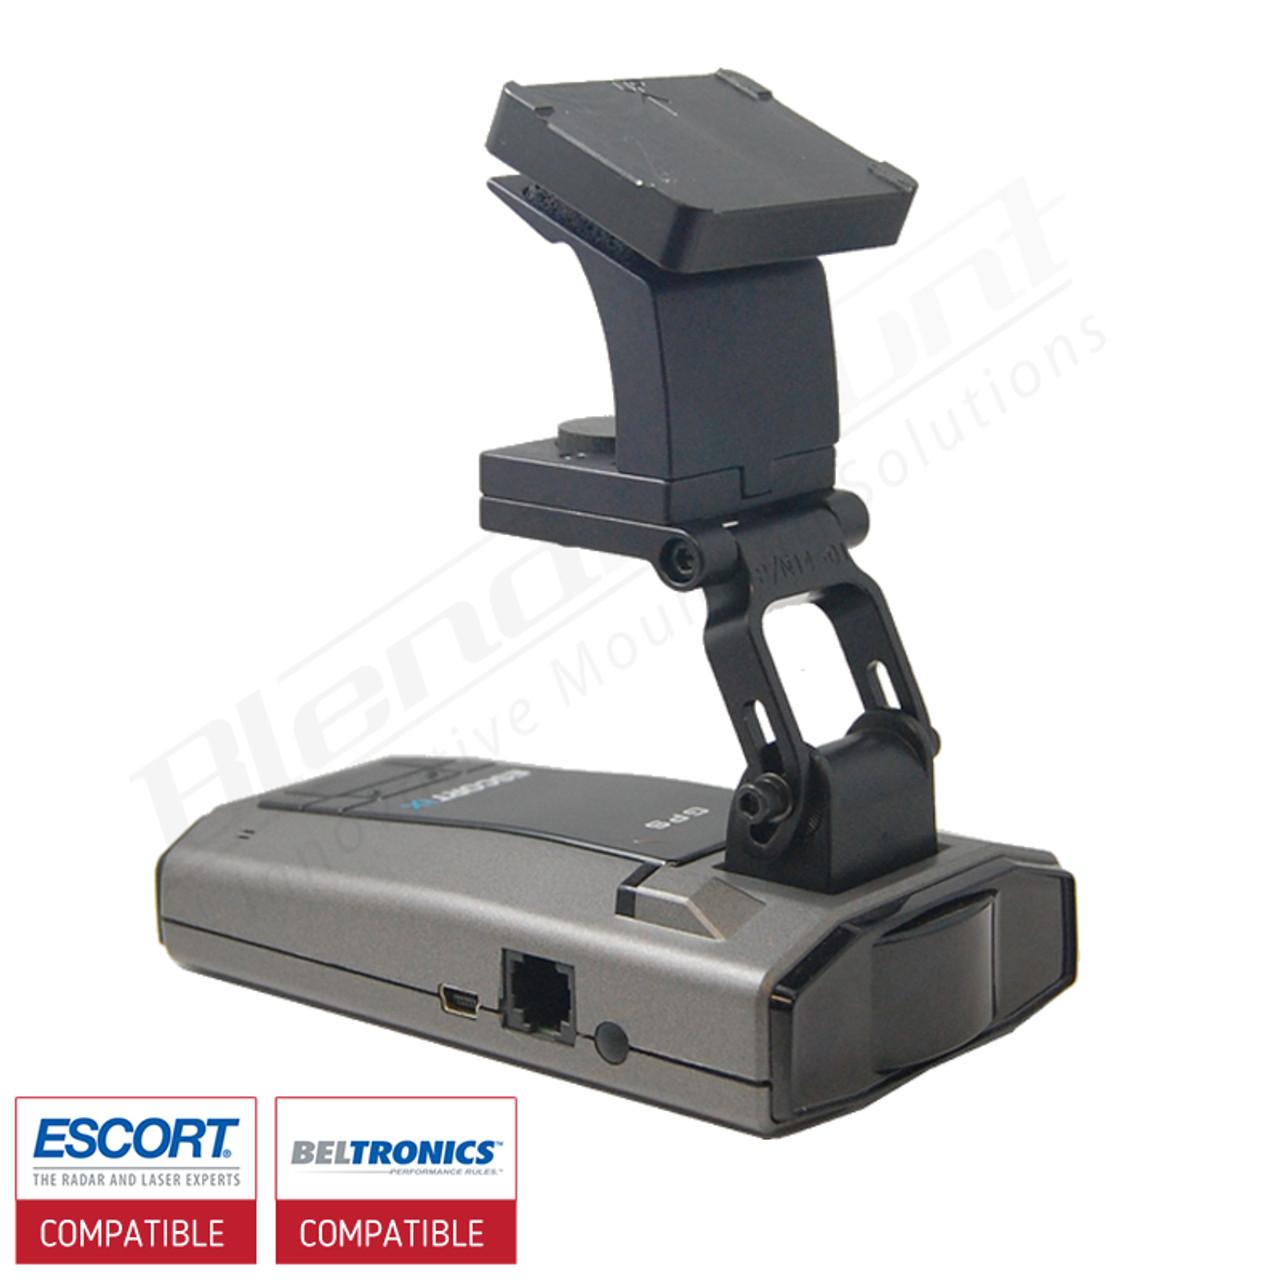 Aluminum Radar Detector Mount for Bel GT-360/Escort Max 360c/RedLine EX,  iX, Specialty Series, Corvette C6